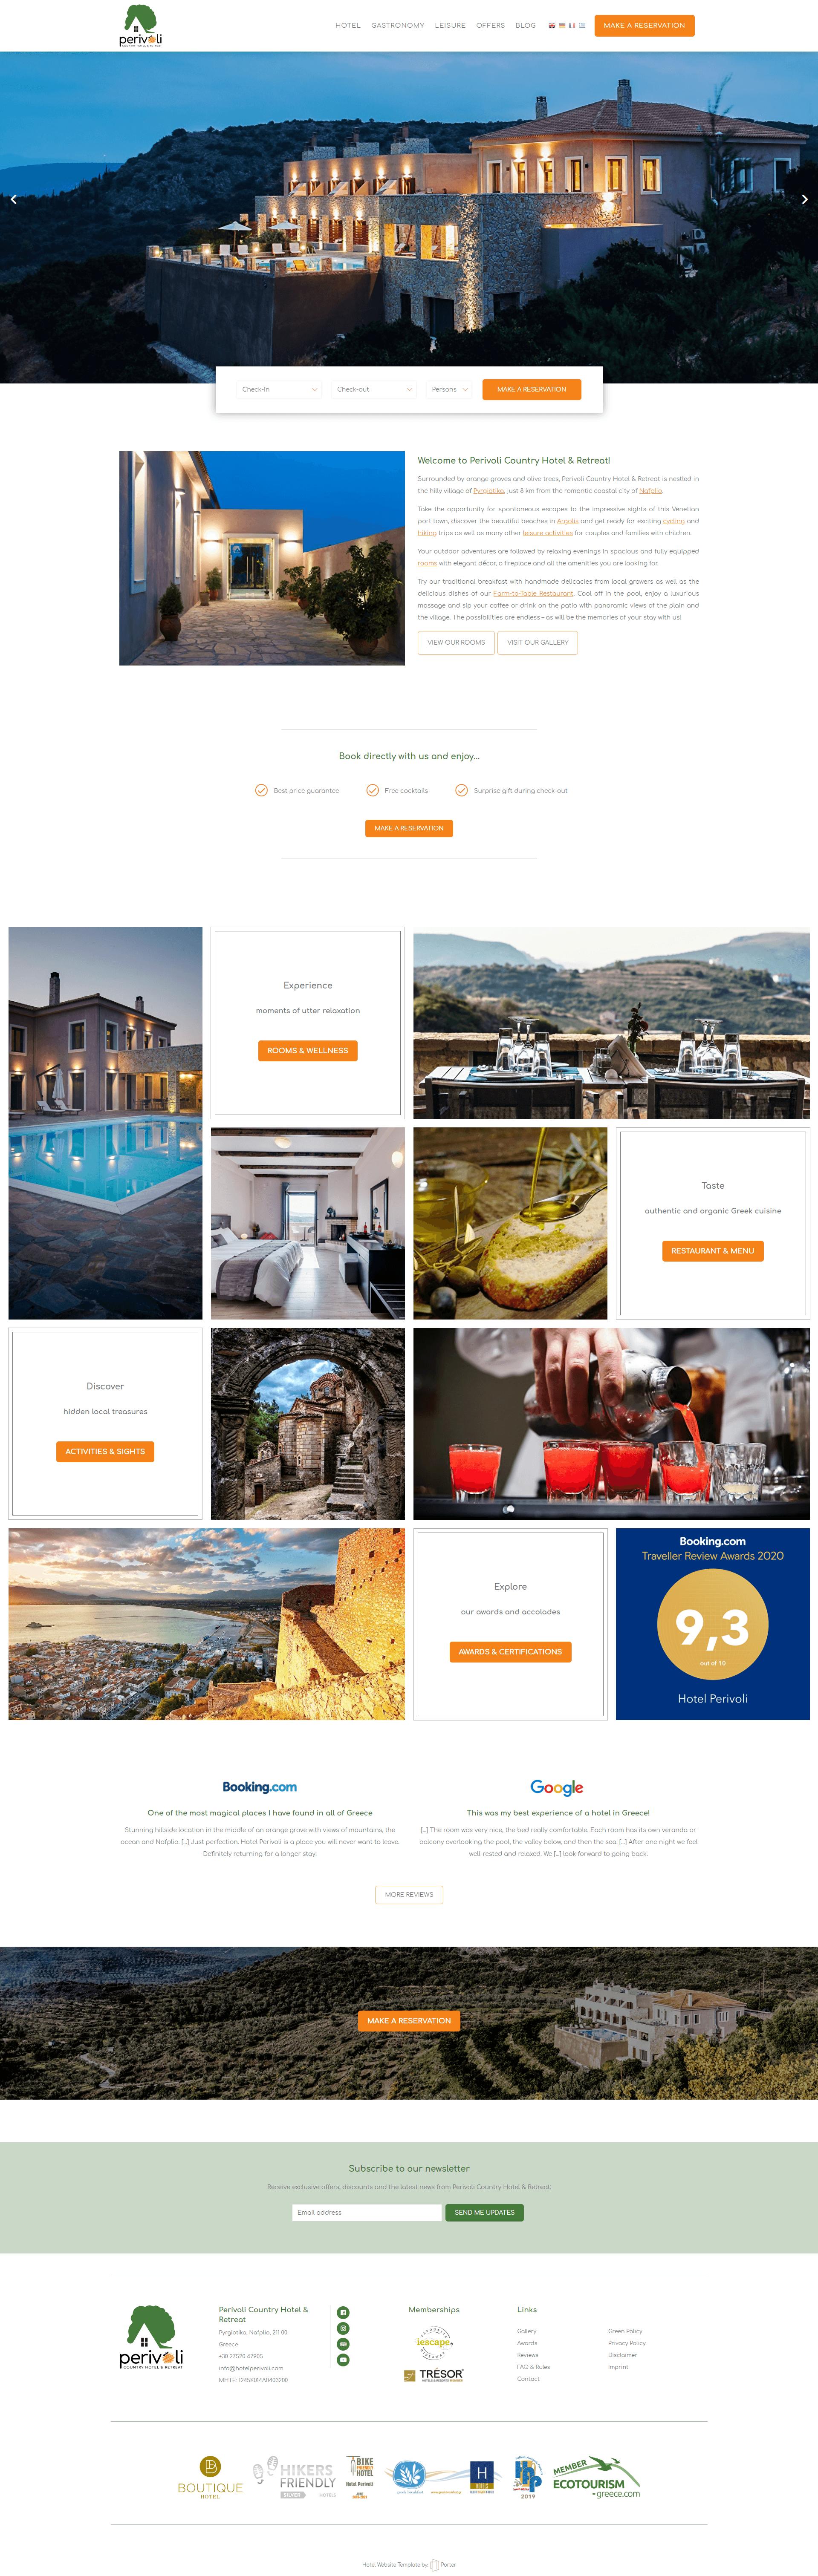 Perivoli Country Hotel & Retreat